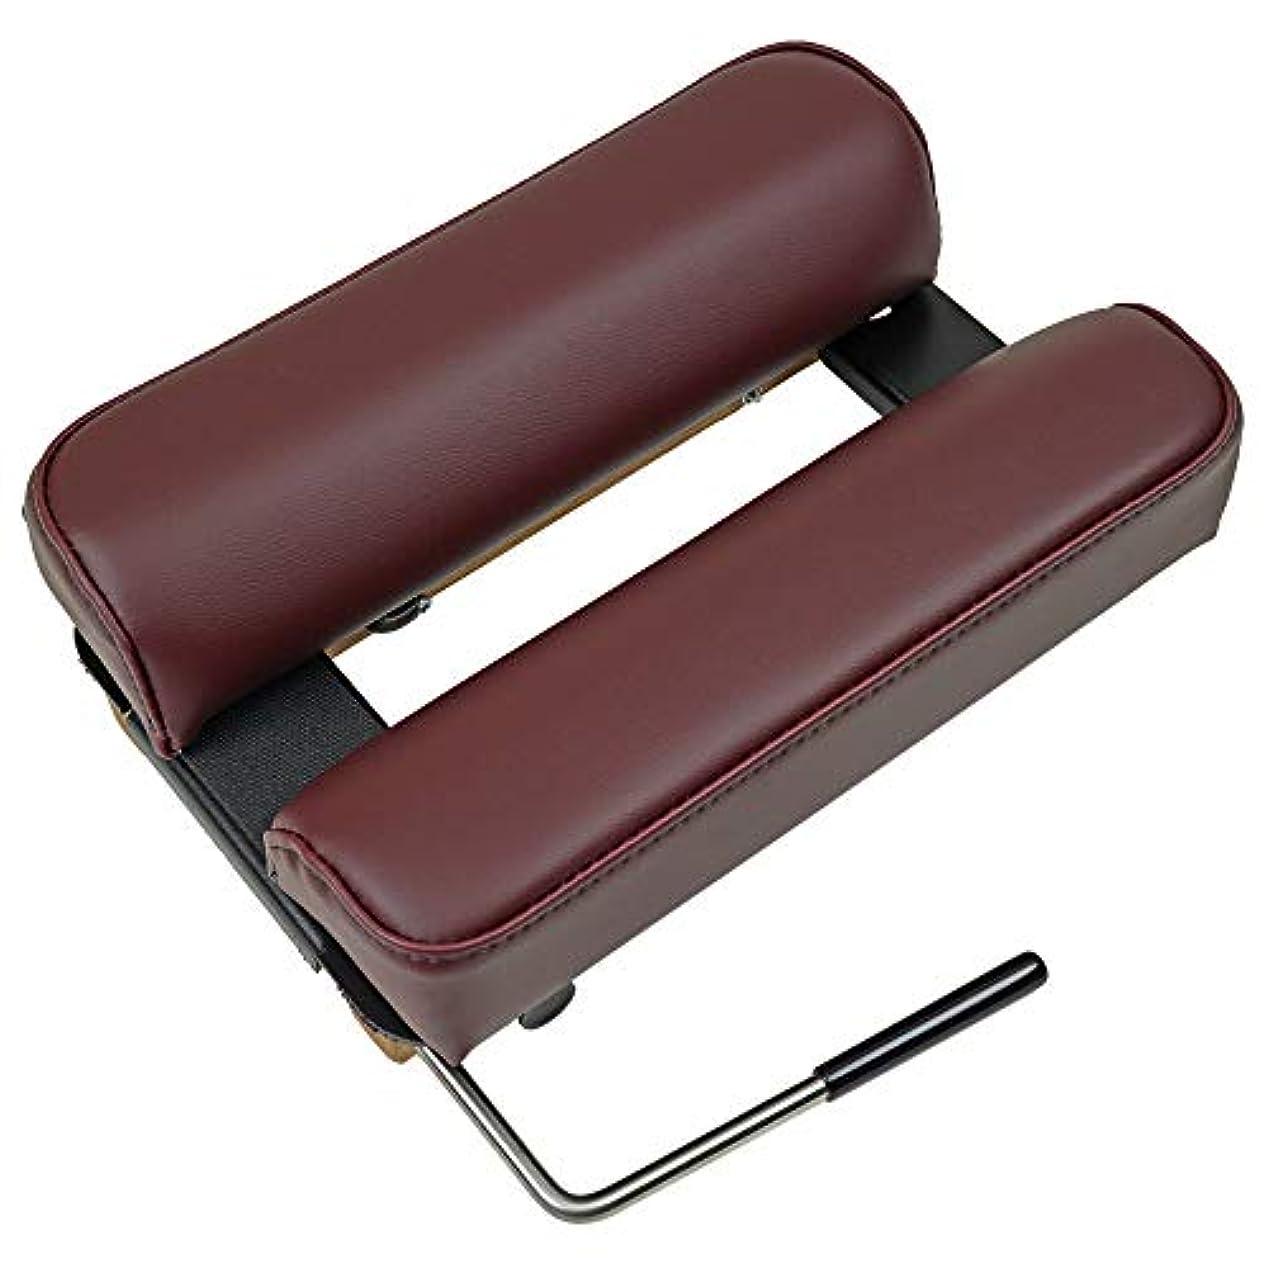 価値平野ブロックTHULI TABLE (ツゥーリテーブル) ポータブルドロップ A ツゥーリ?ポータブルテーブル100 に装備の ヘッドピース 頚椎 の アジャストに